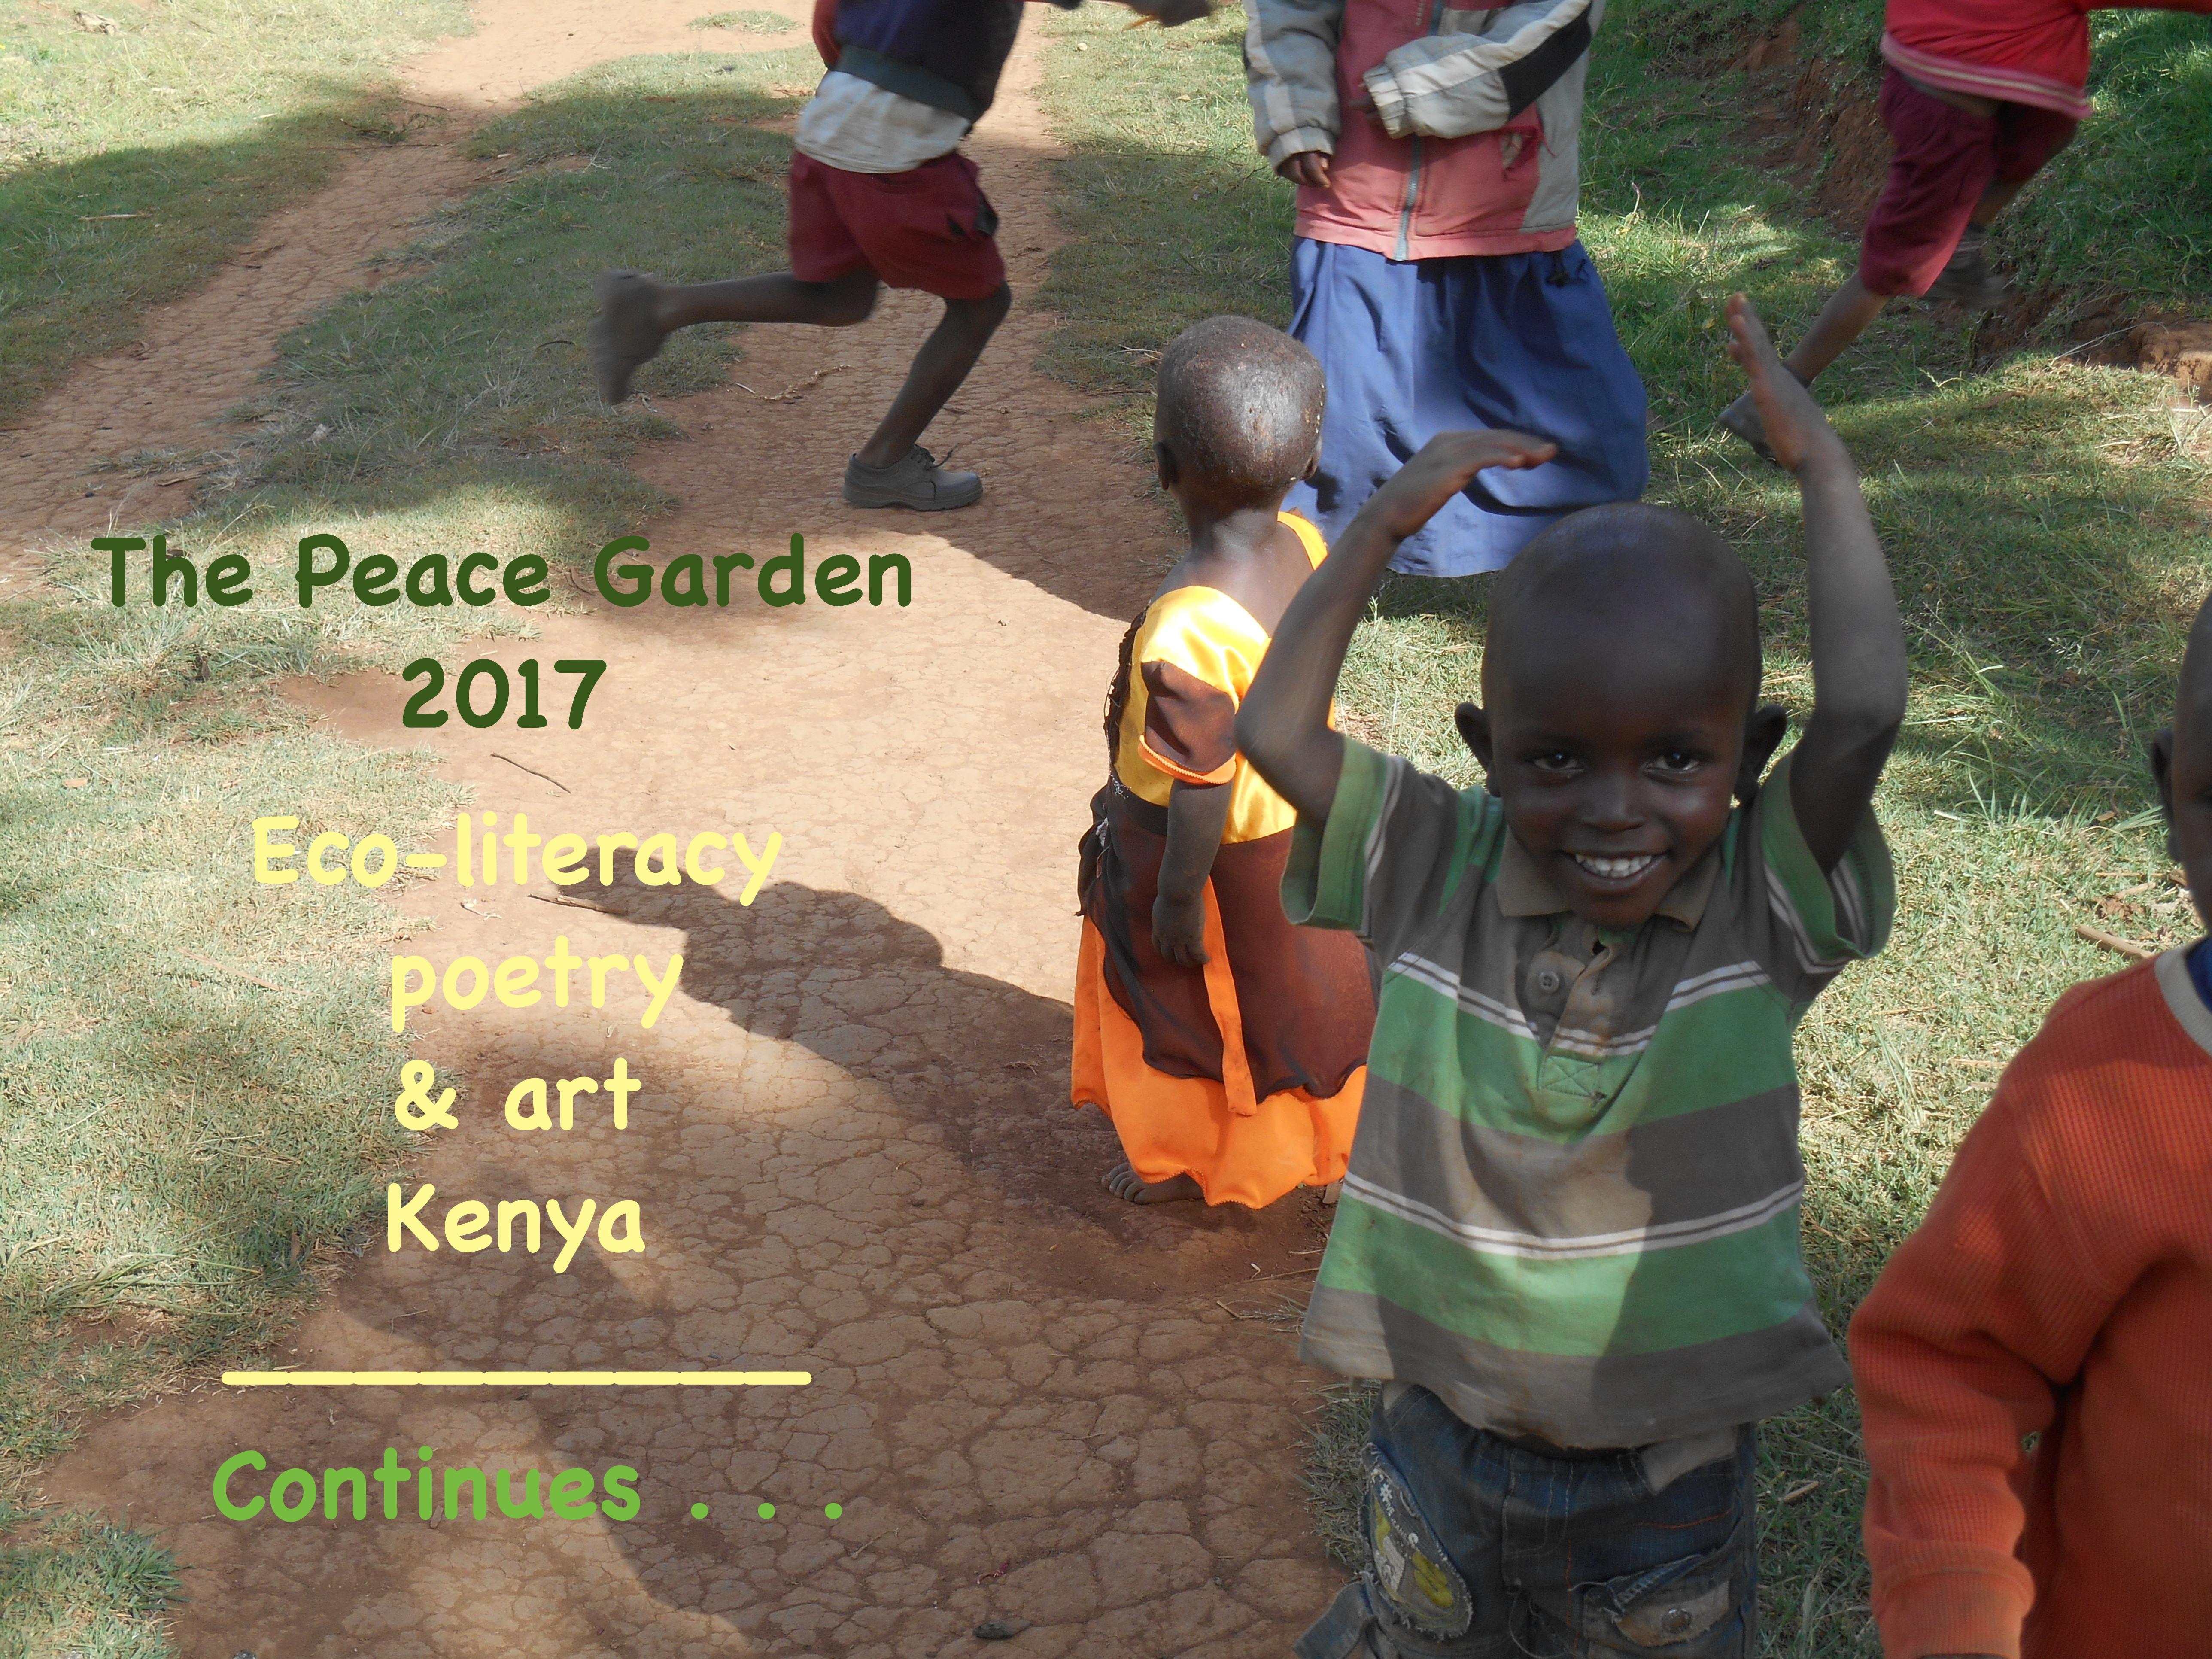 PeaceGarden